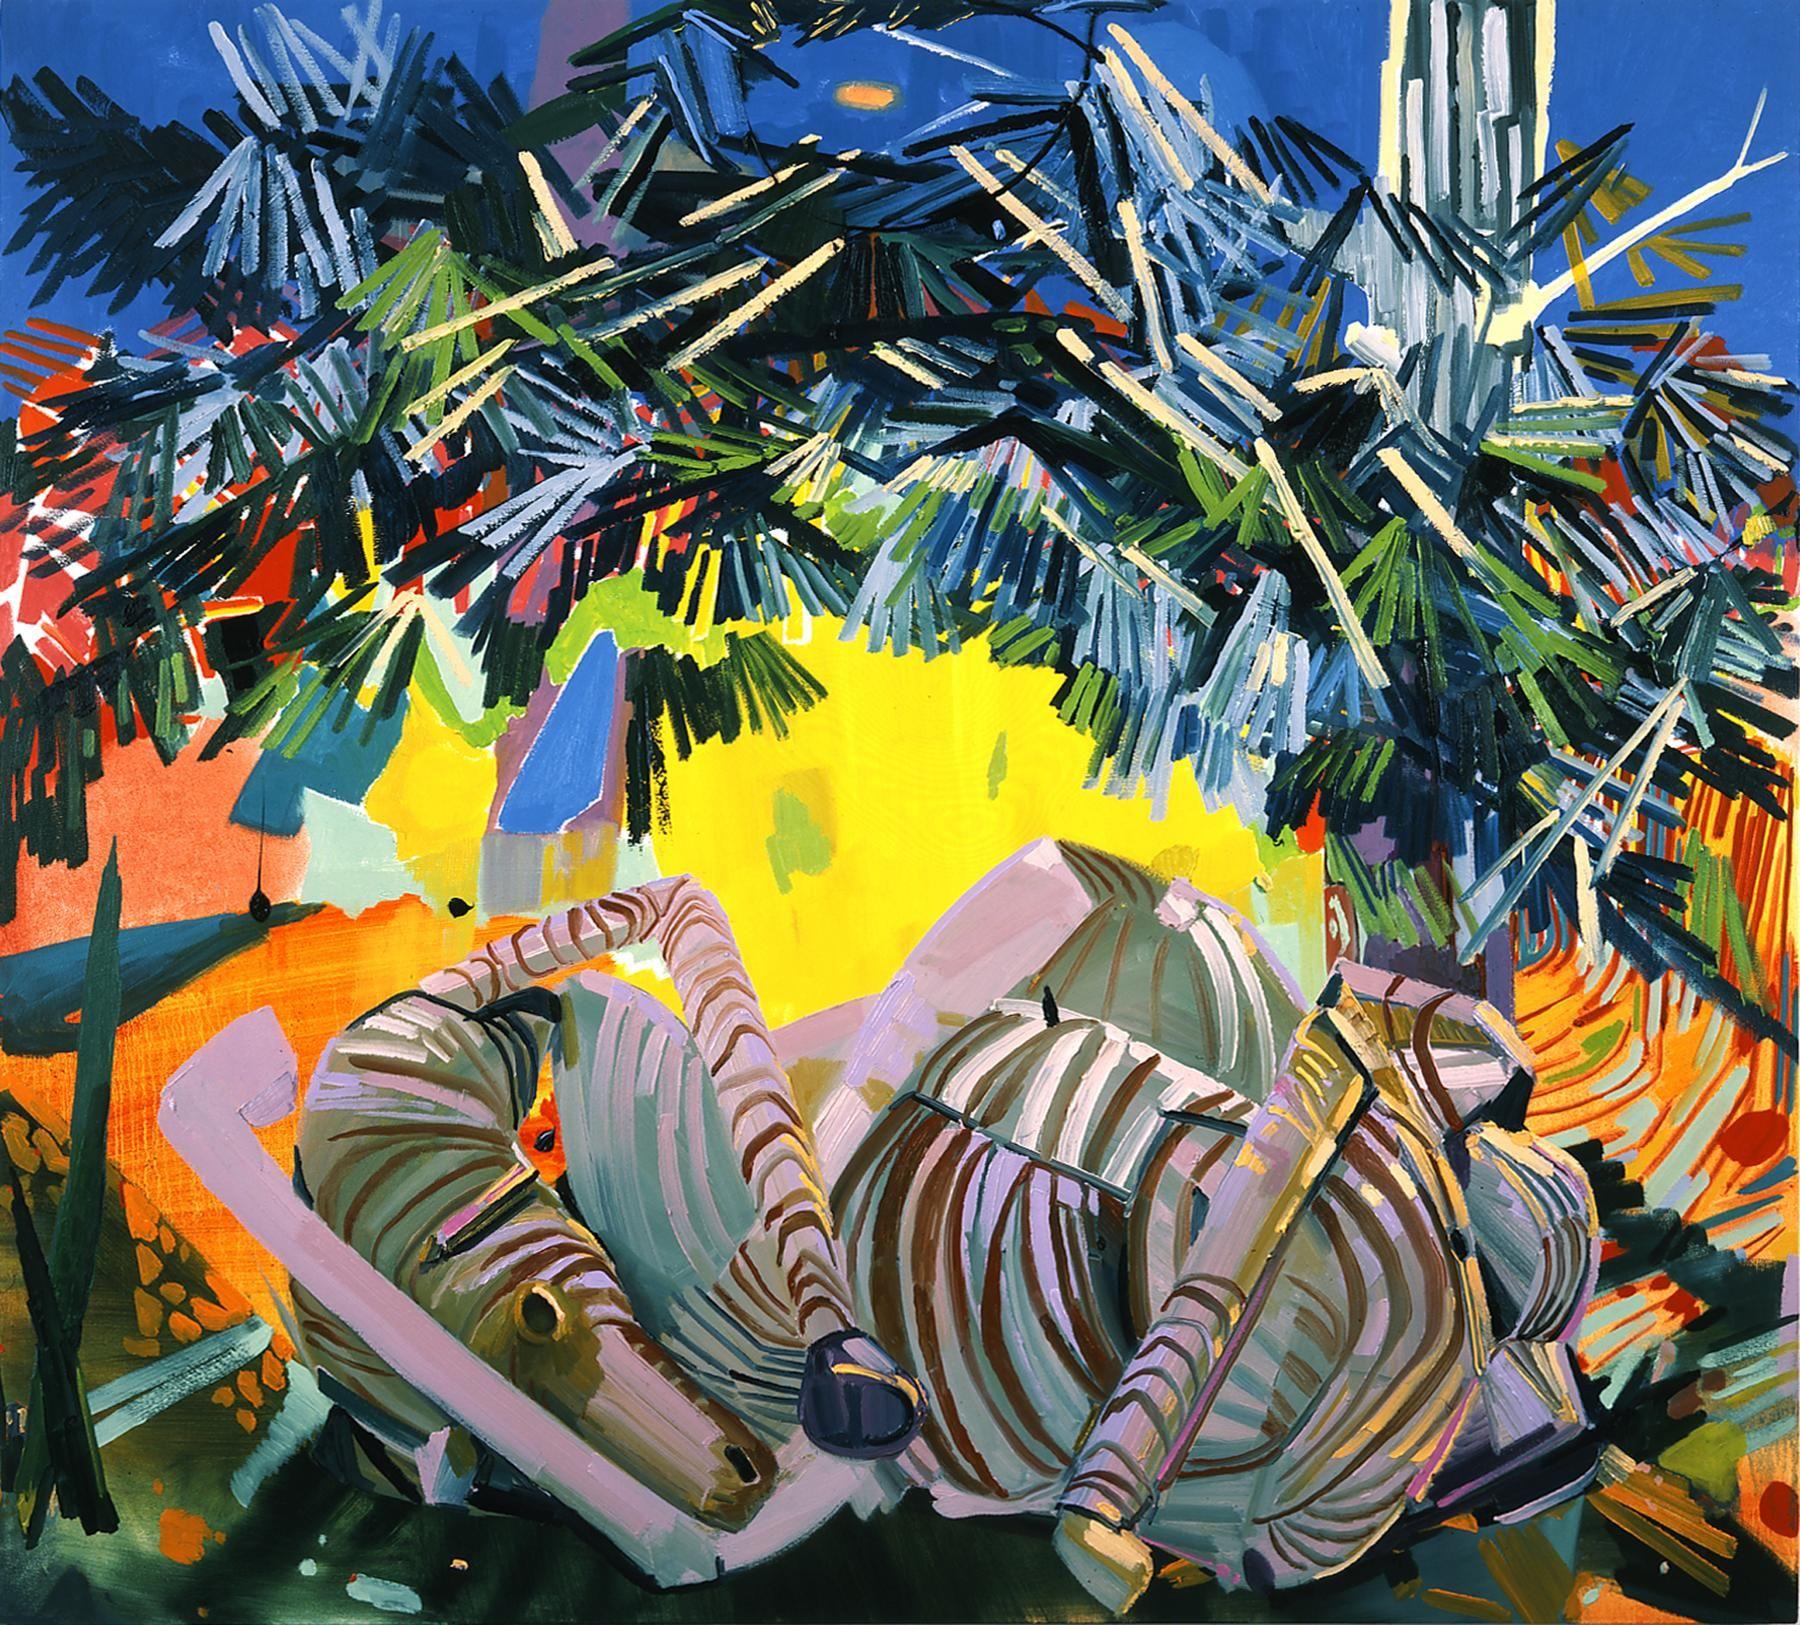 Dead Zebra 2003